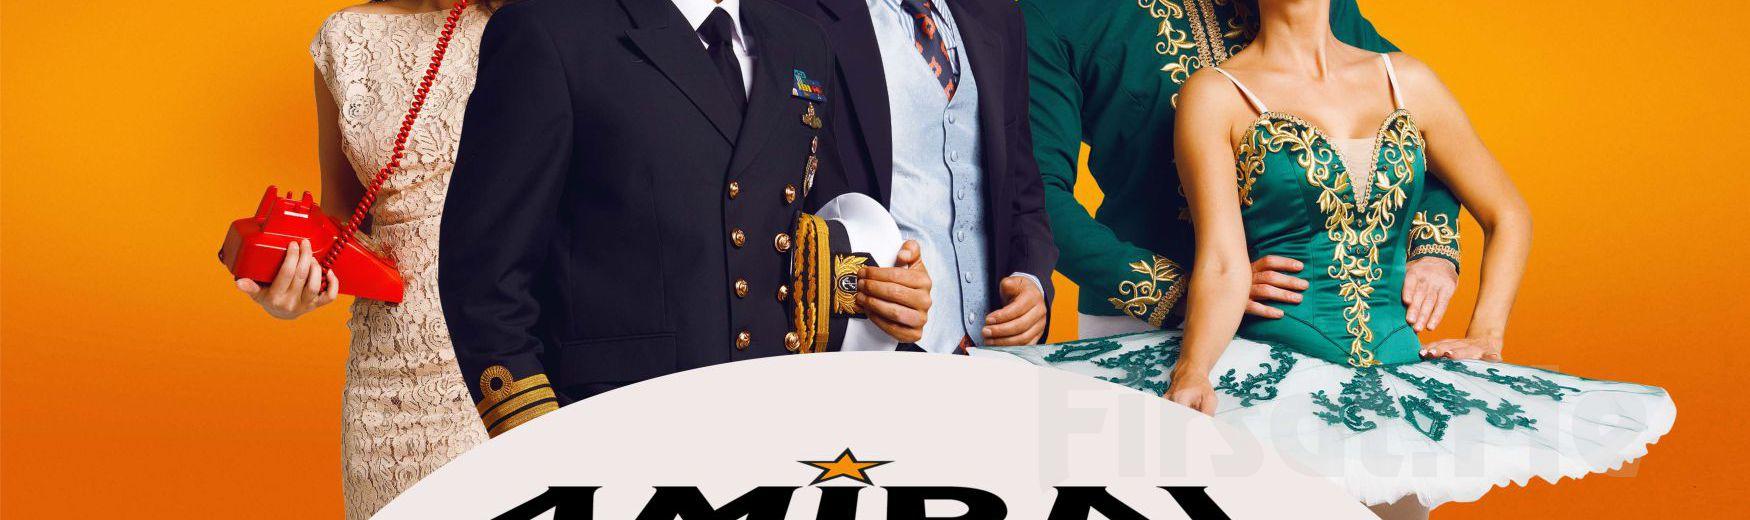 Muhteşem Kadrosuyla Karmaşa, Komedi ve Kahkaha Dolu 'Amiral Battı Kaçıyorusss' Tiyatro Oyunu Bileti